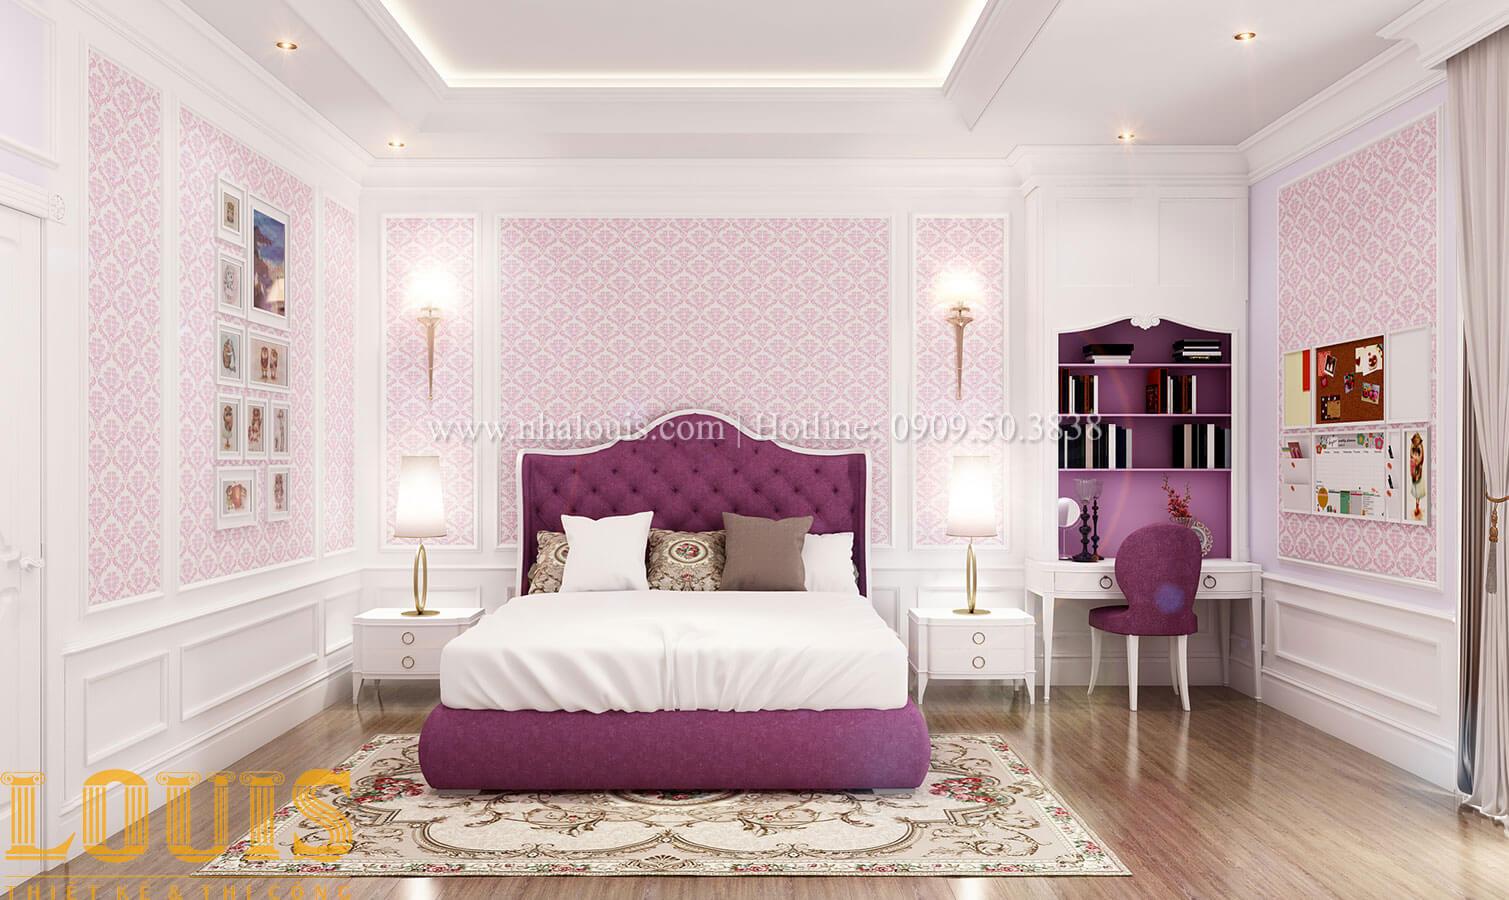 Phòng ngủ Thiết kế biệt thự 3 tầng đẹp có sân vườn ở miền quê Đồng Nai - 26